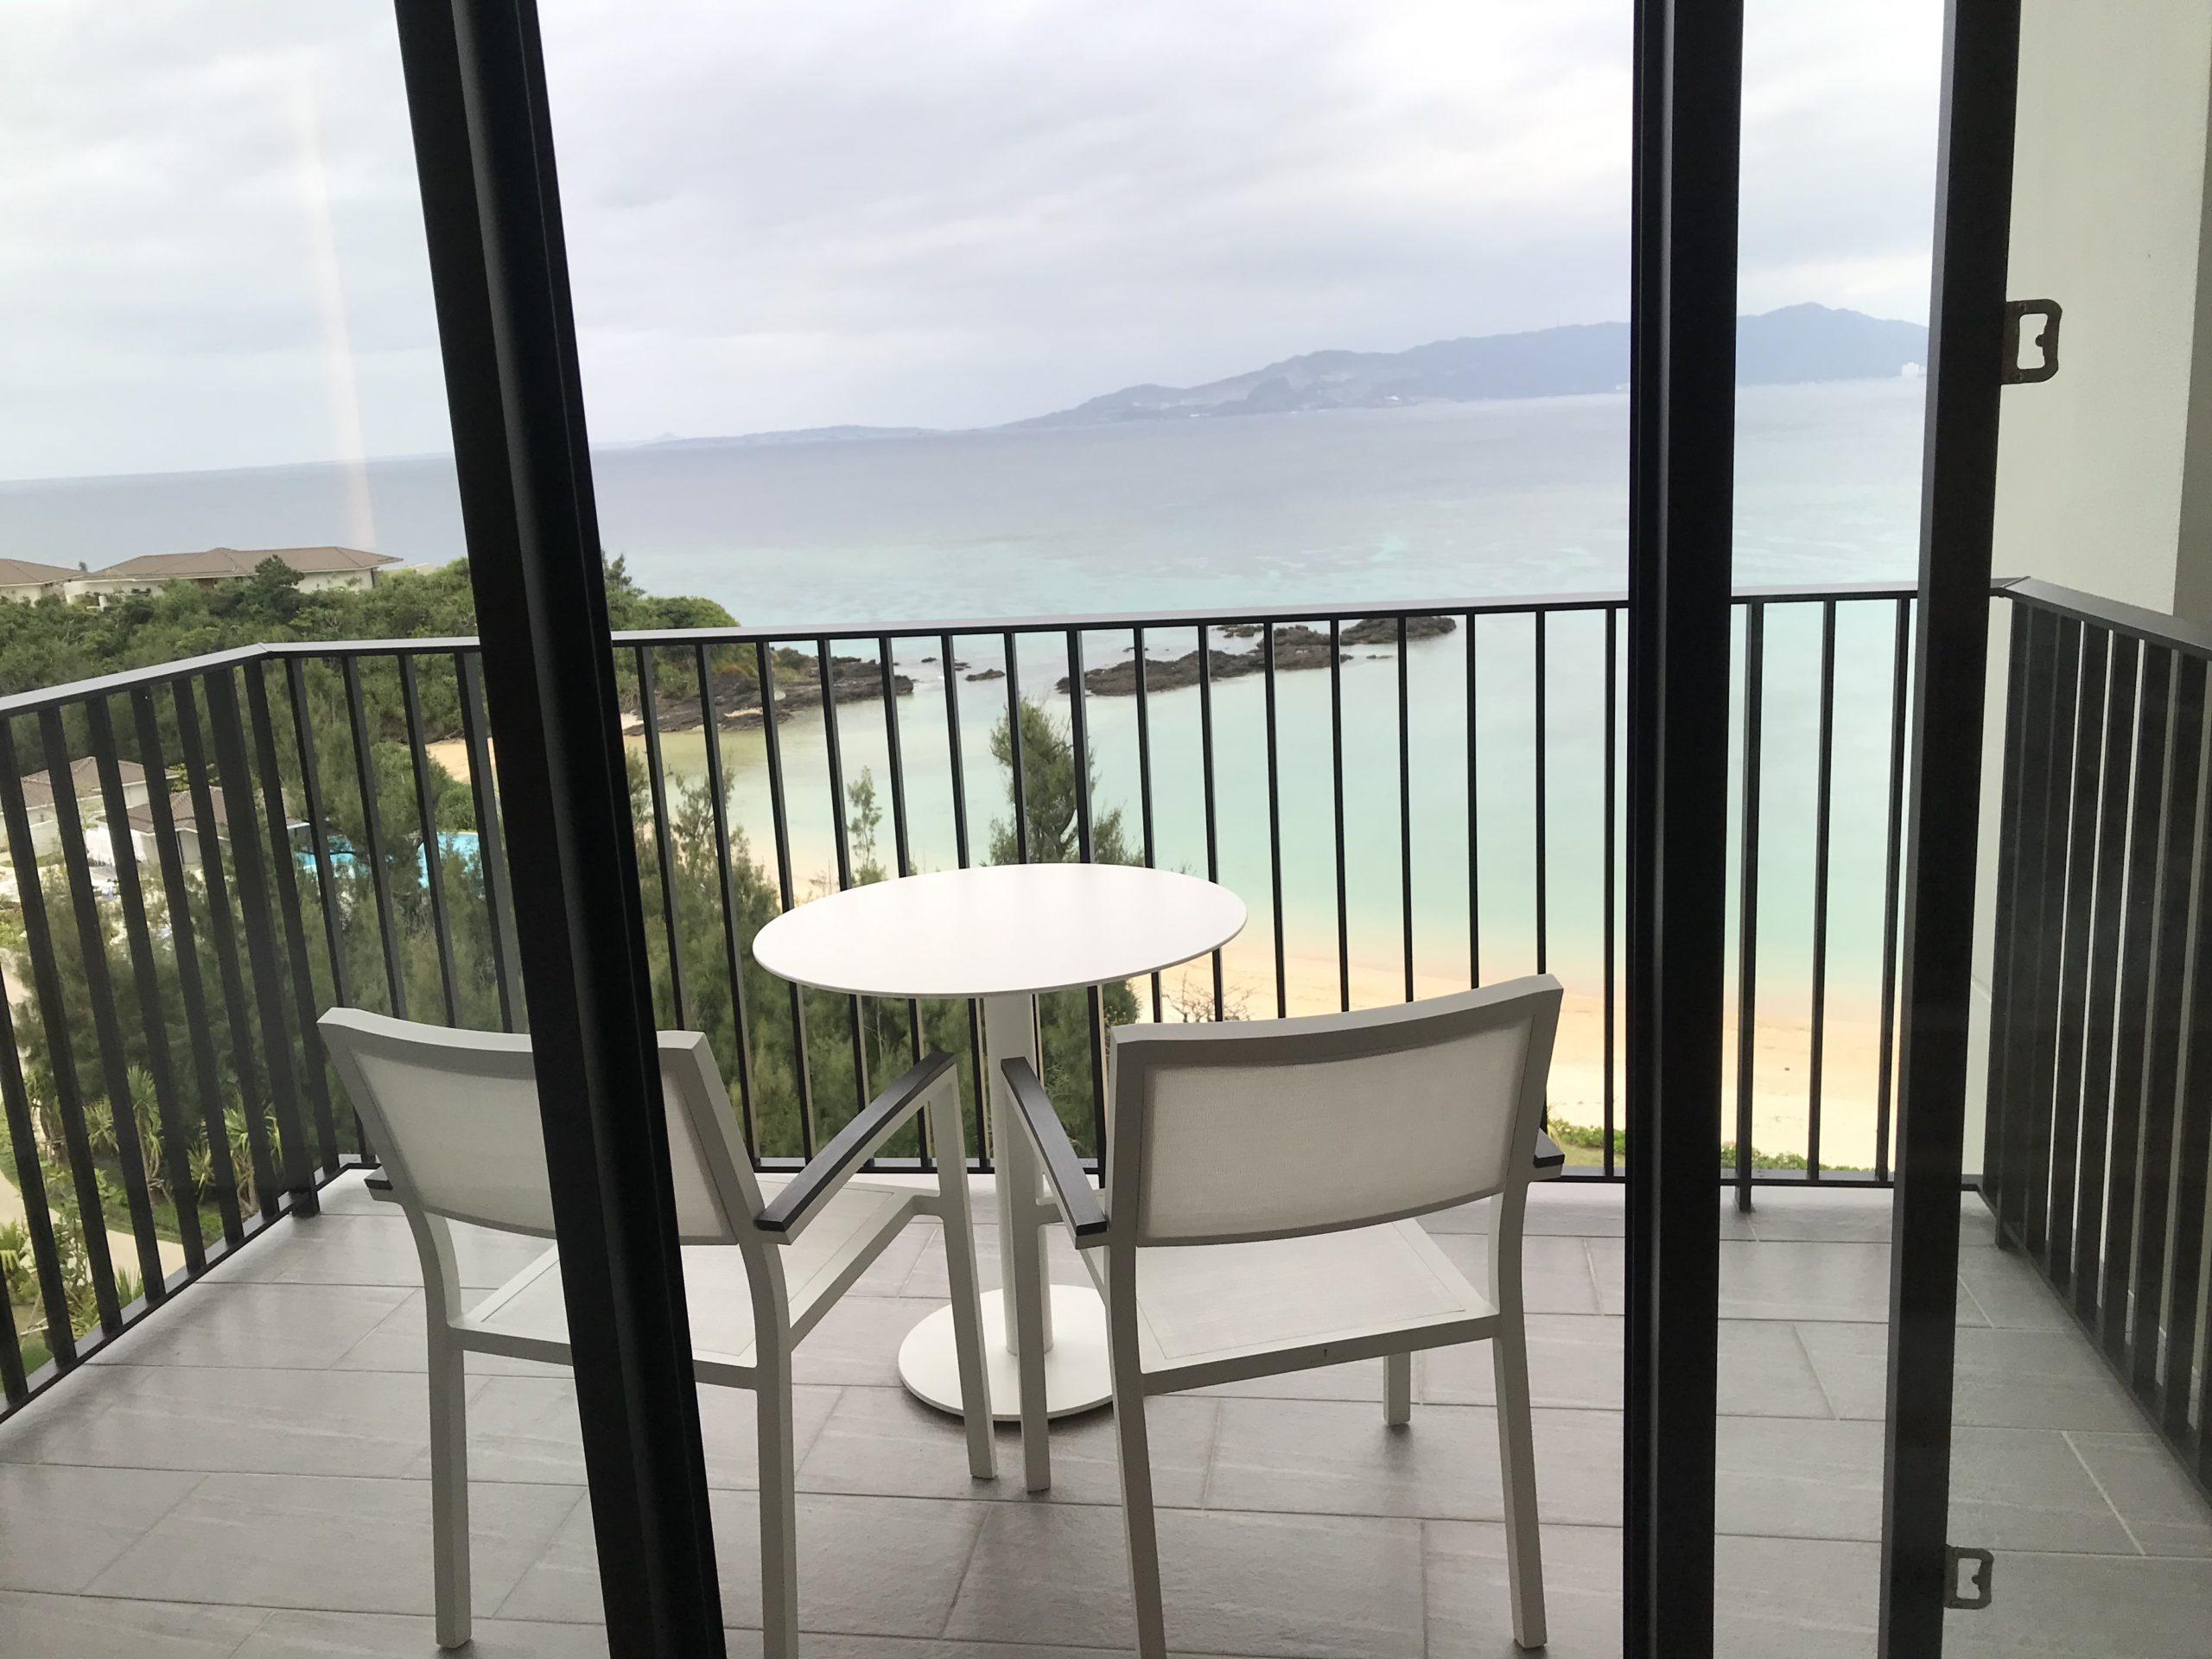 ハレクラニ沖縄の部屋からの眺めの写真